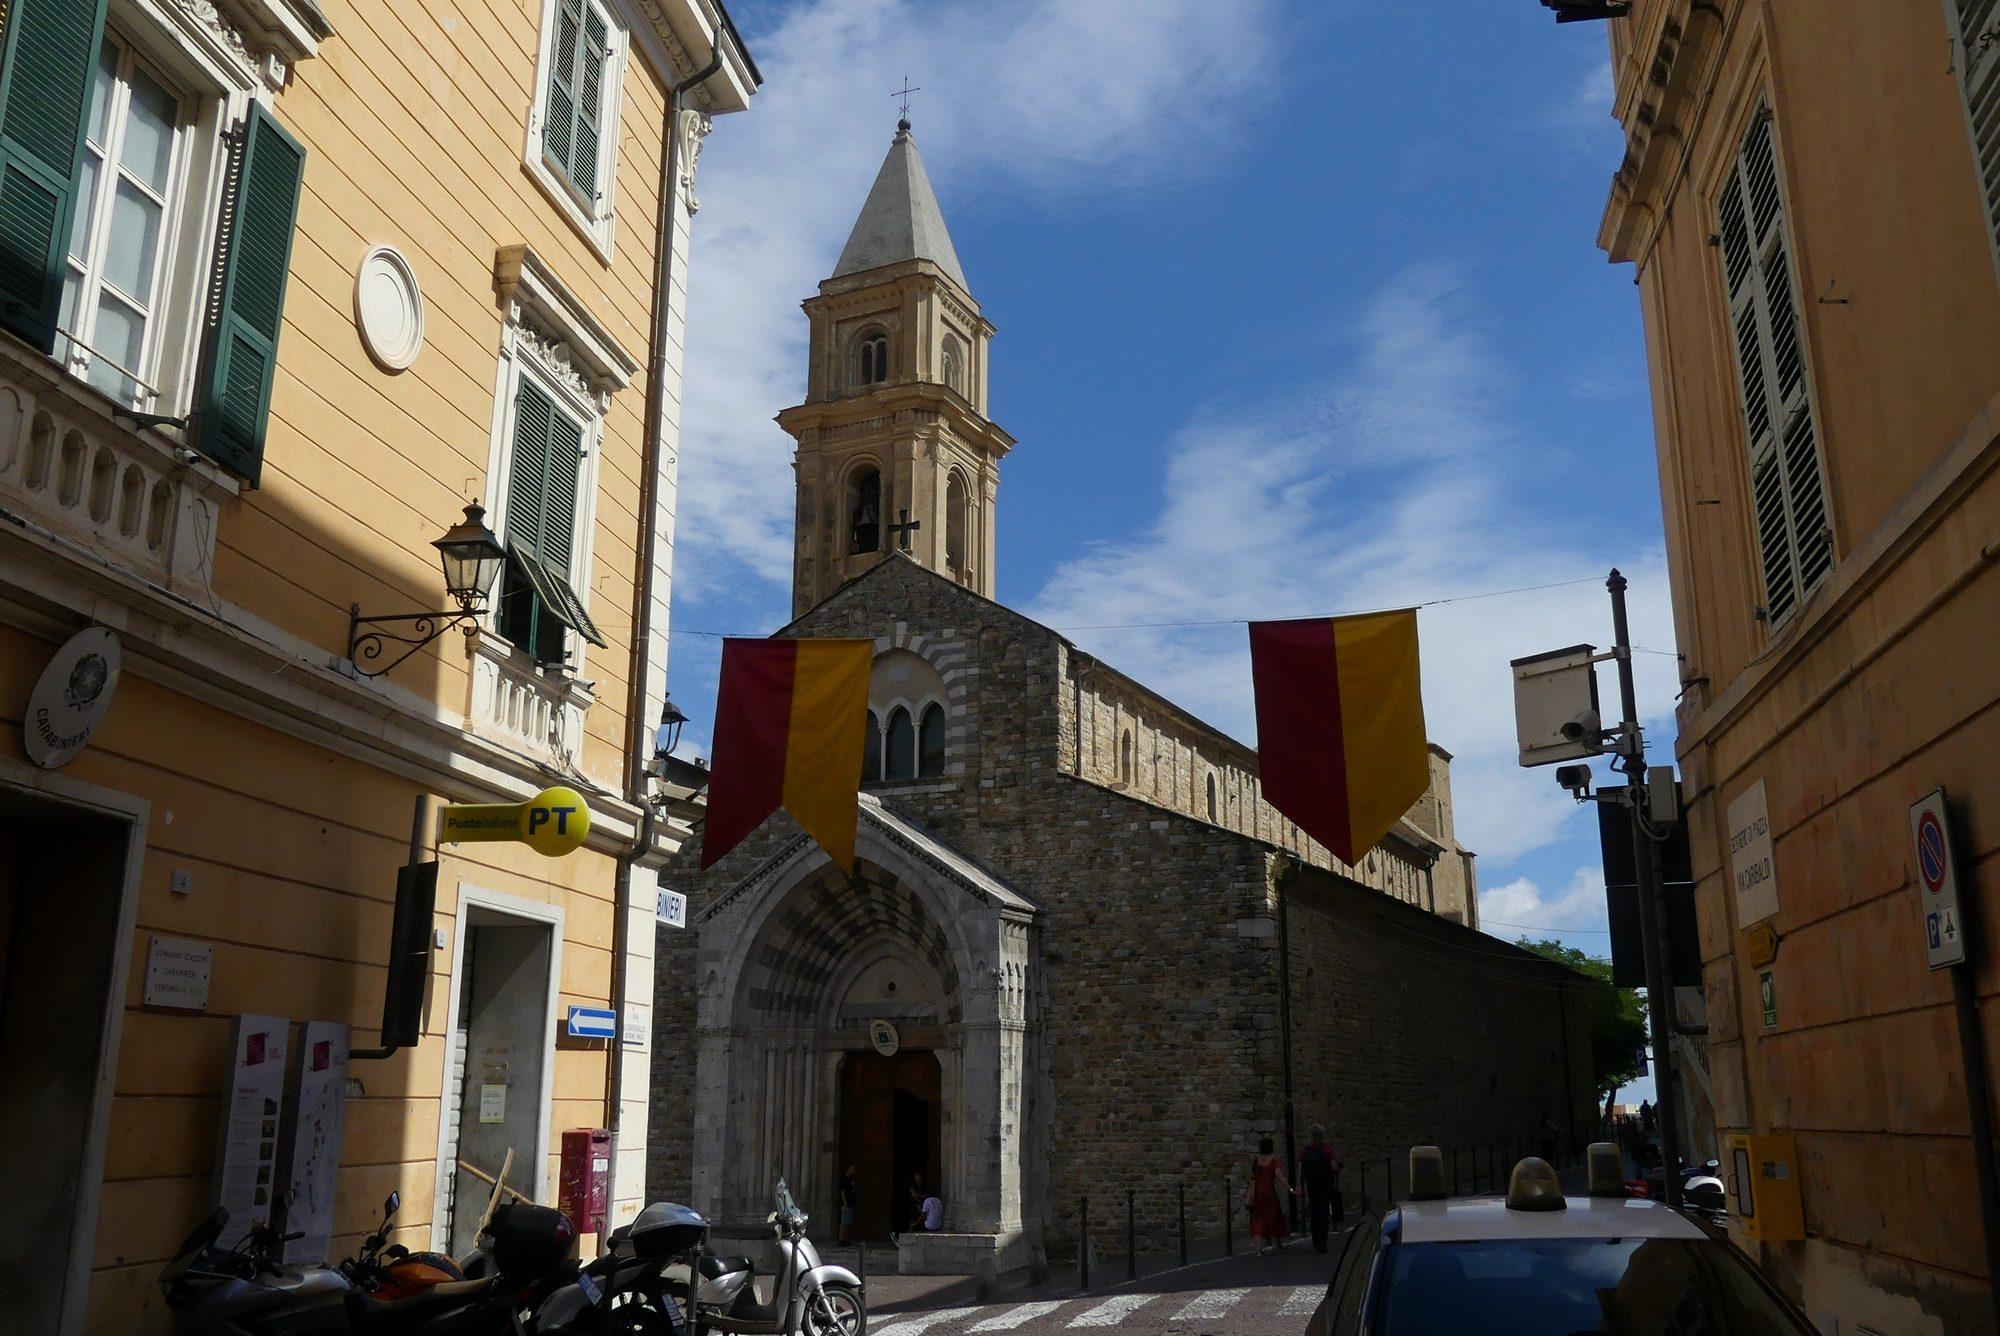 Kirche von der Hauptstraße der Altstadt von Ventimiglia aus gesehen